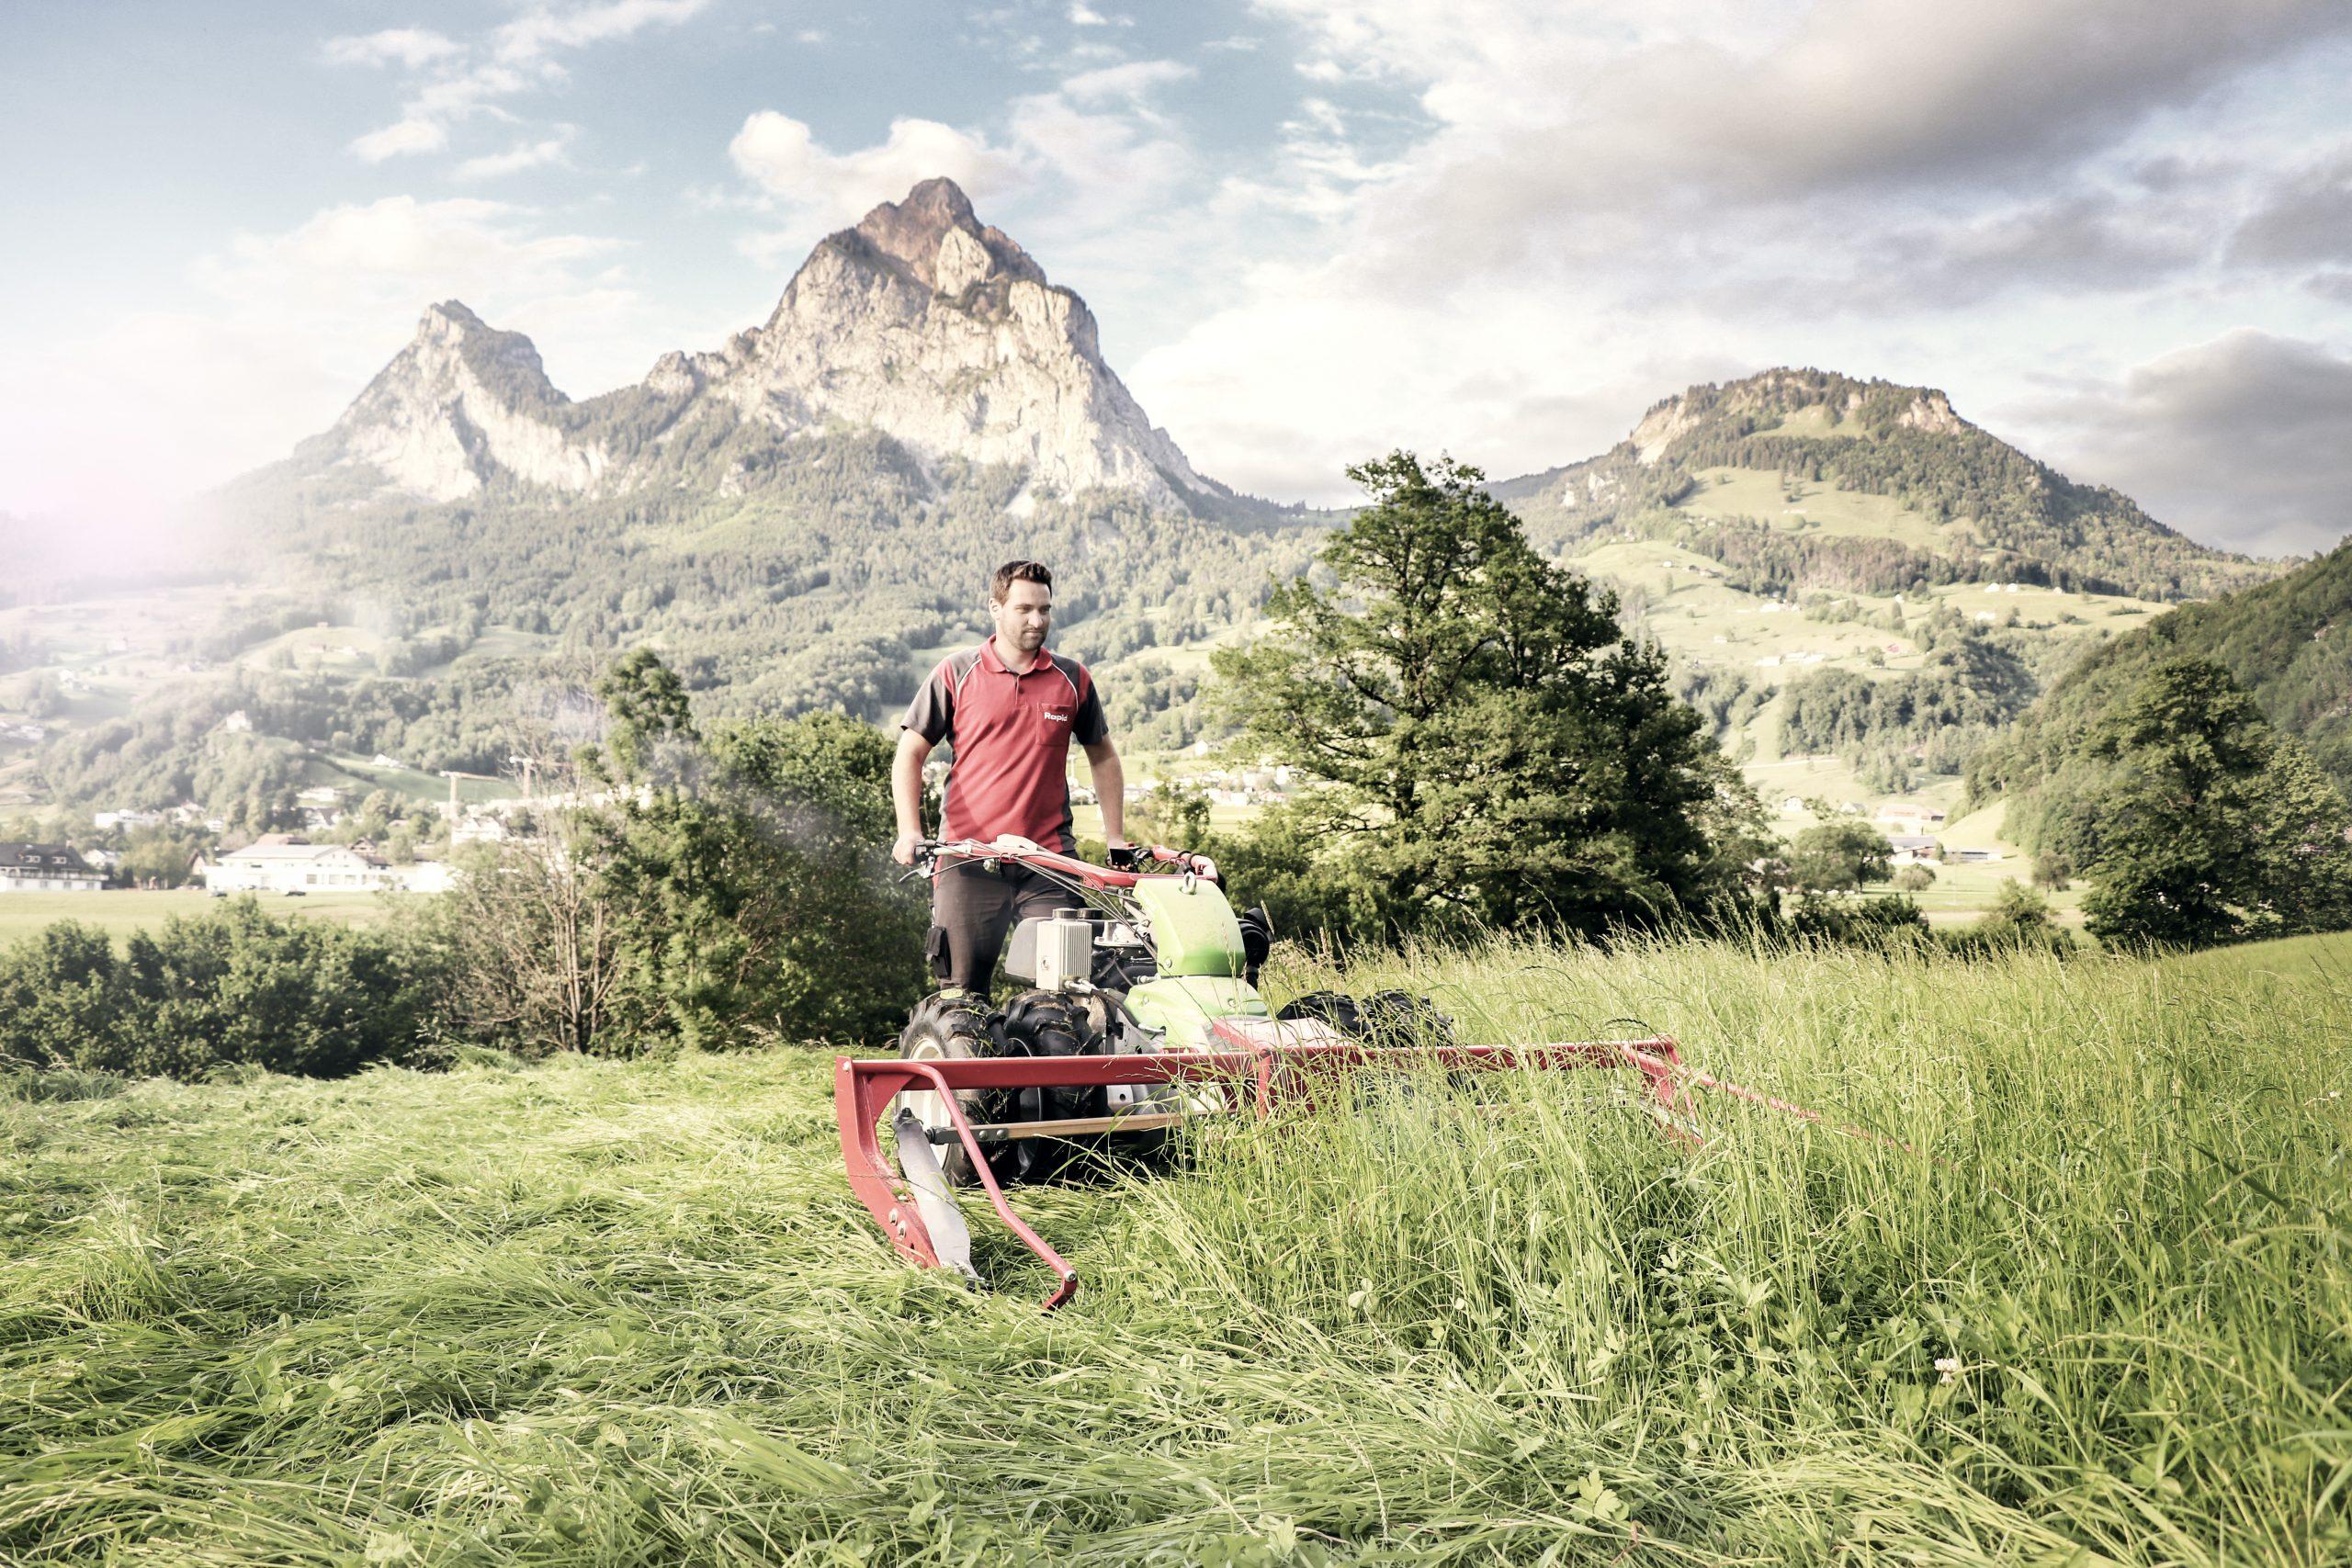 Seit Firmengründung hat Rapid Technic das Portfolio kontinuierlich erweitert. Ein Fokus auf die Arbeit in den Bergen bleibt. (Bild: Rapid Technic AG)